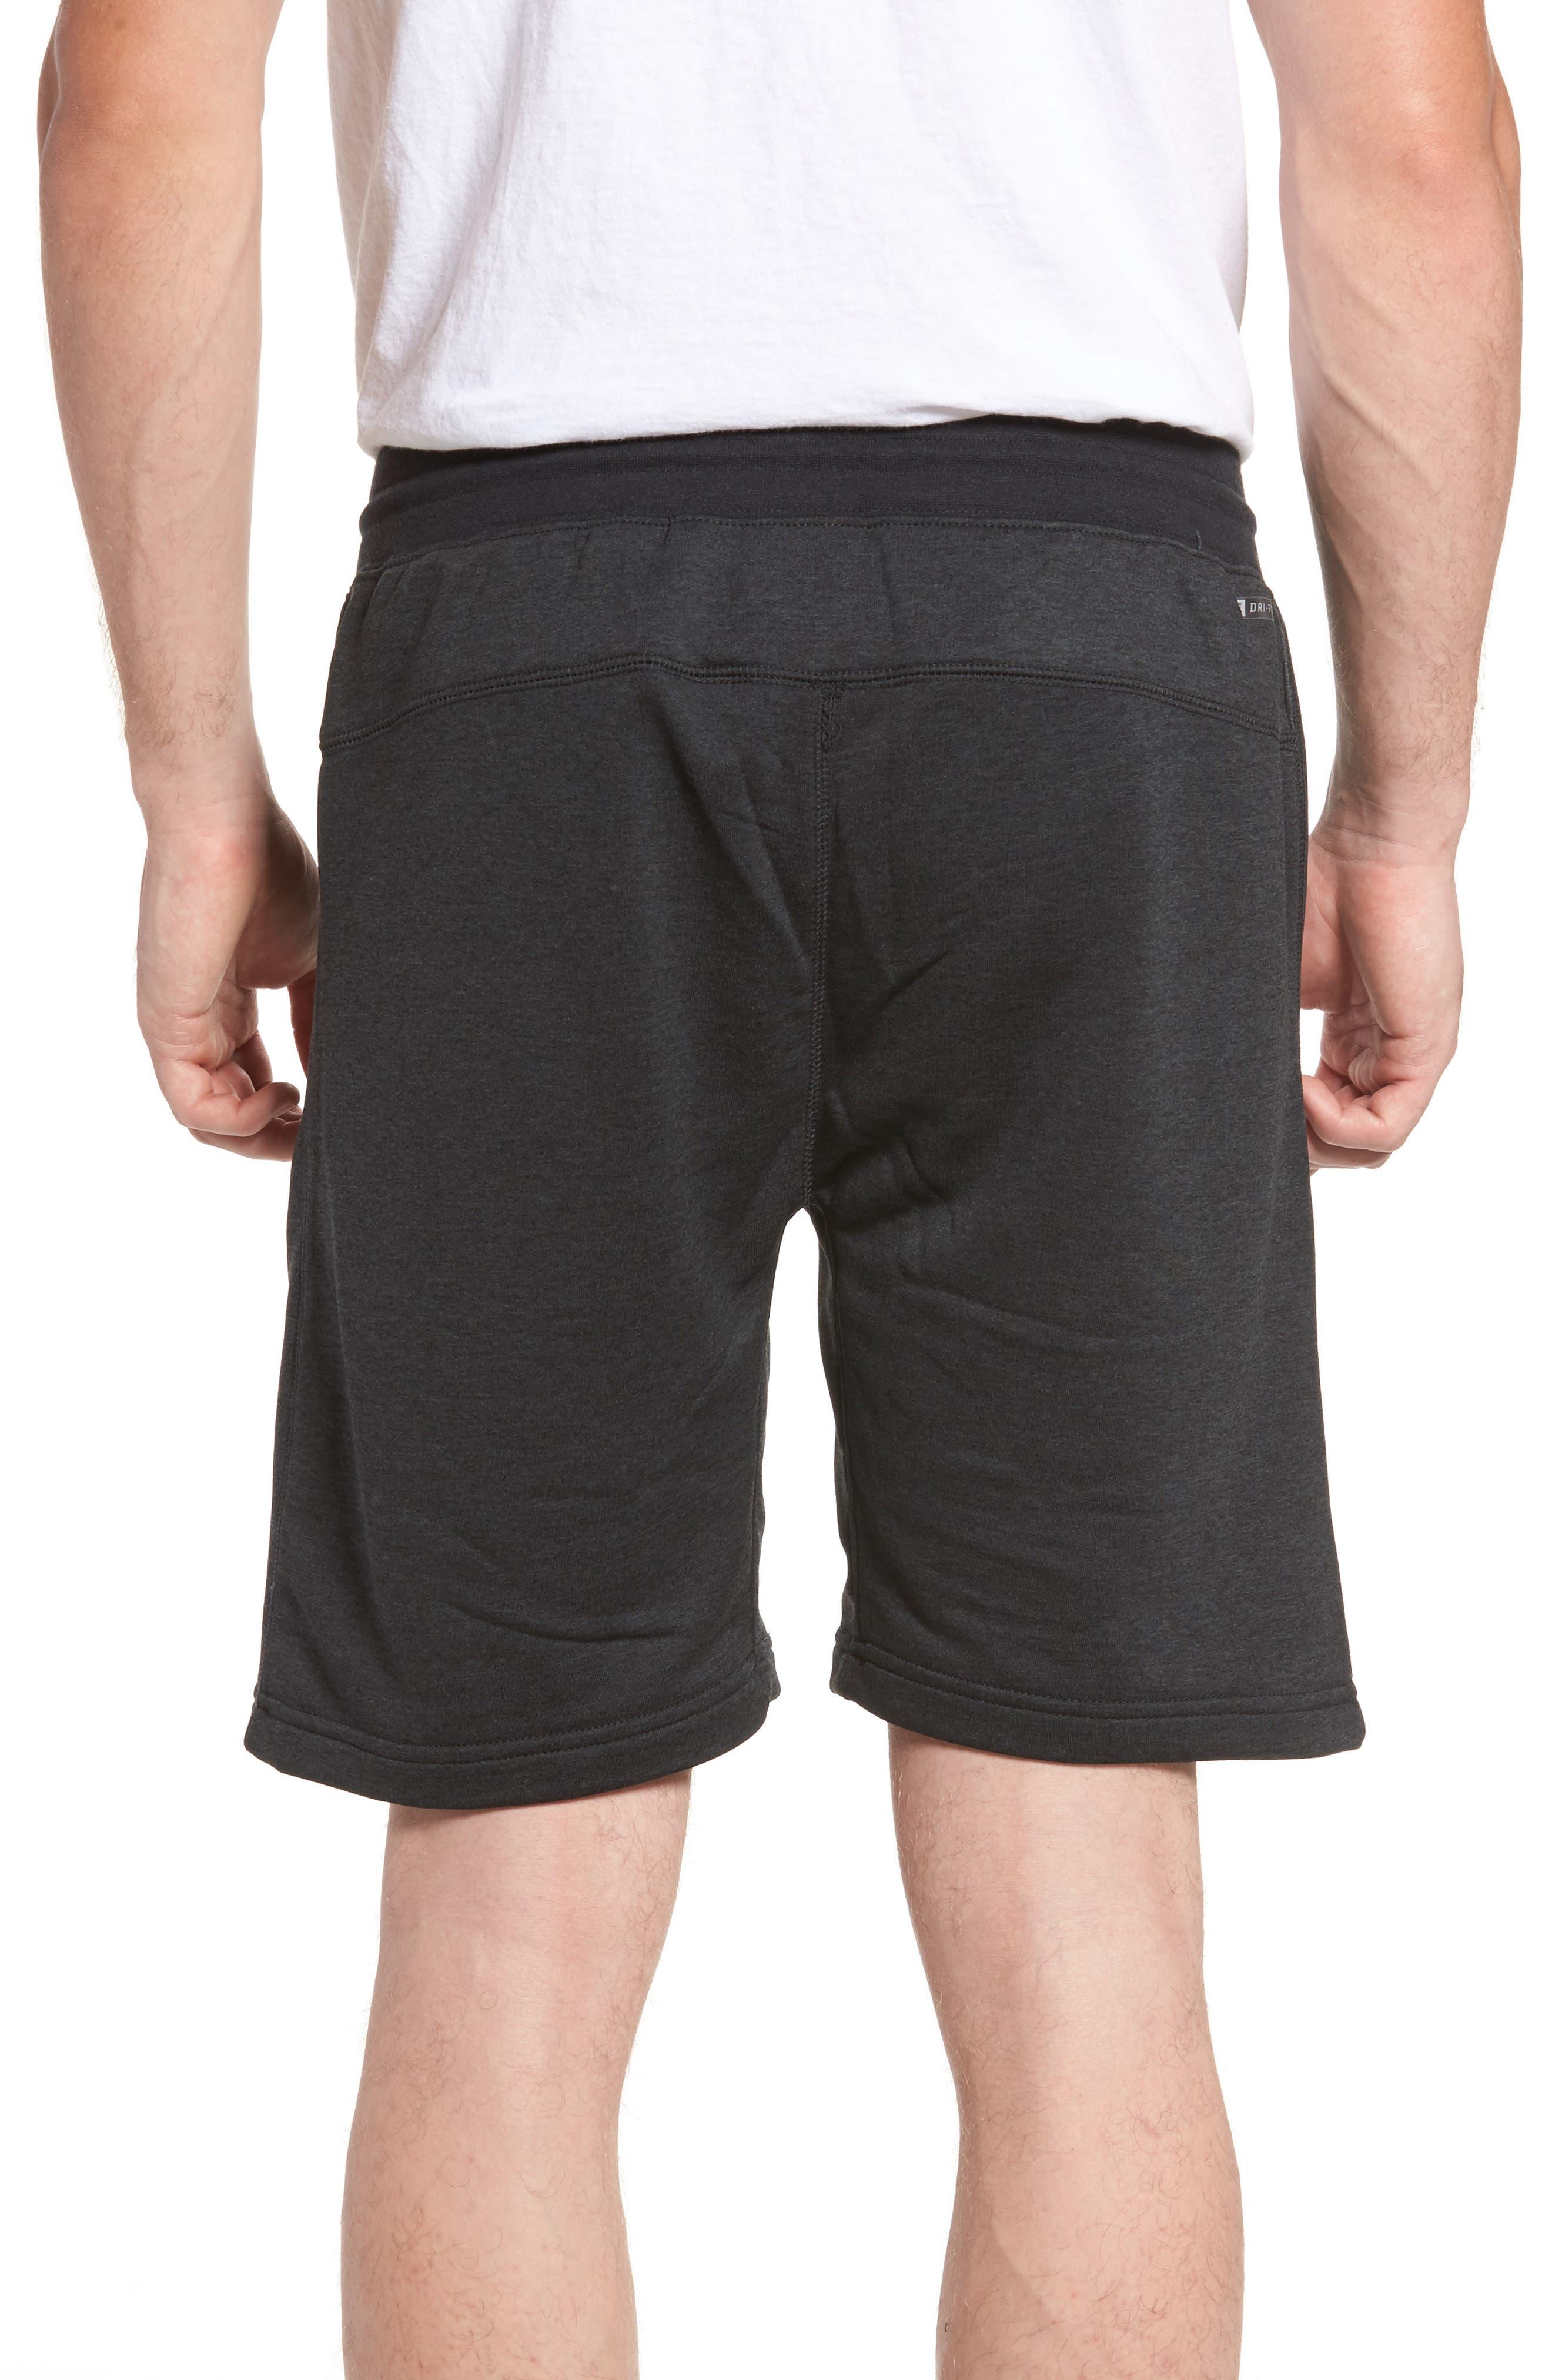 Dri-FIT Solar Shorts,                             Alternate thumbnail 2, color,                             Black